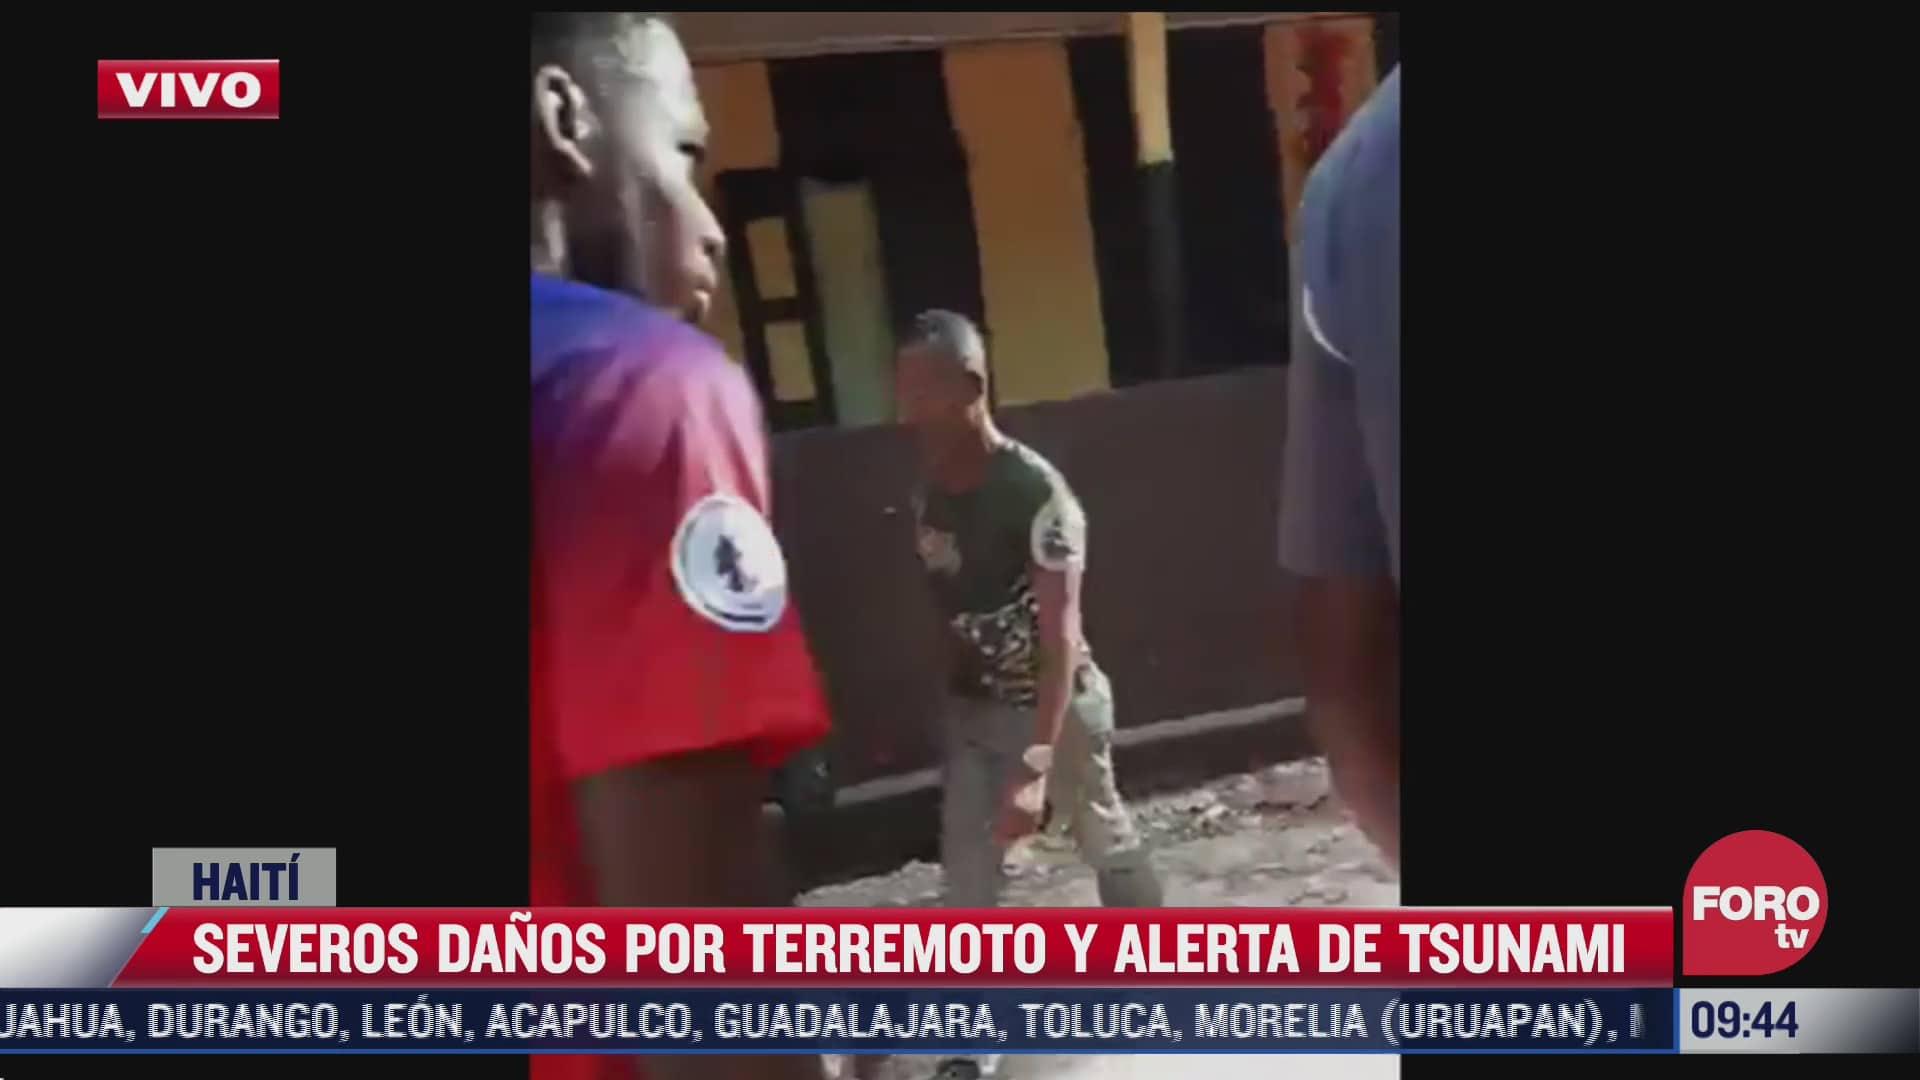 mexico reitera su solidaridad al pueblo de haiti tras sismo sre